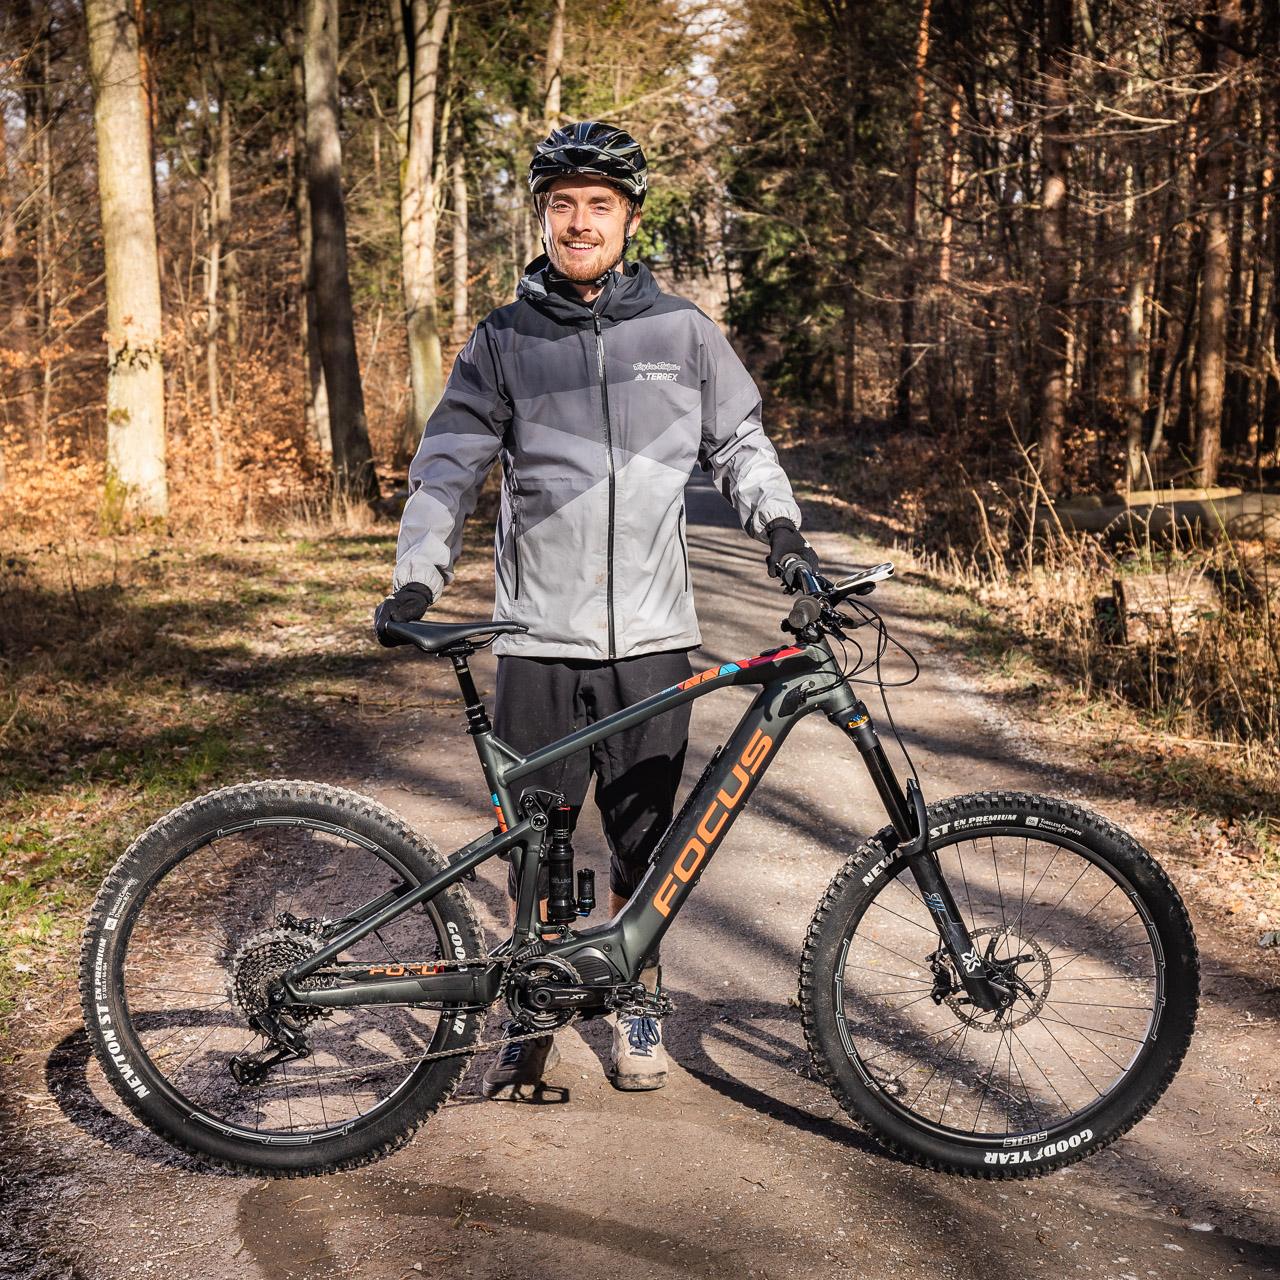 FOCUS-Bikes-E-MTB-Reach-Test-2019-_MG_4537